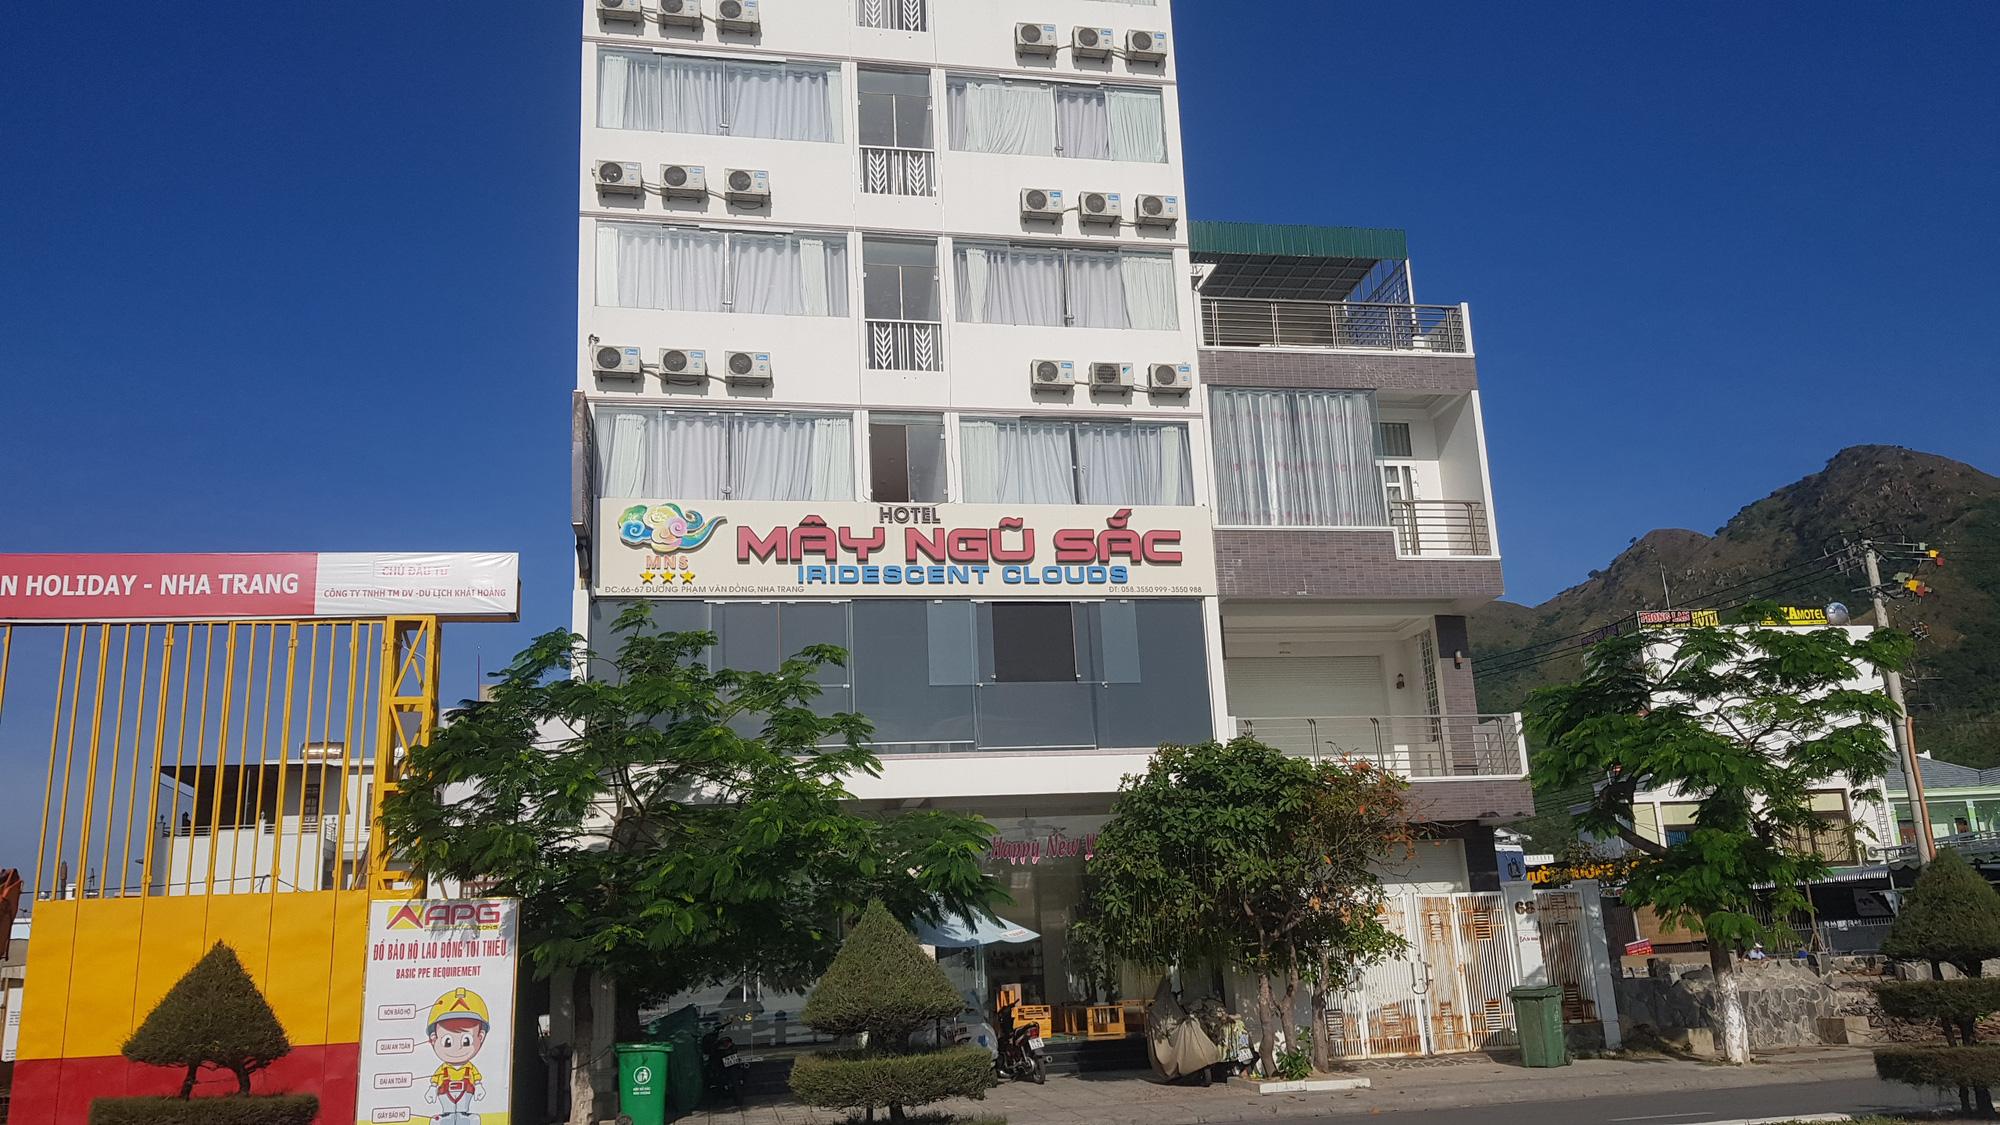 Khánh Hòa: Phối hợp xử lí các khách sạn tự ý thay đổi qui mô công trình - Ảnh 1.